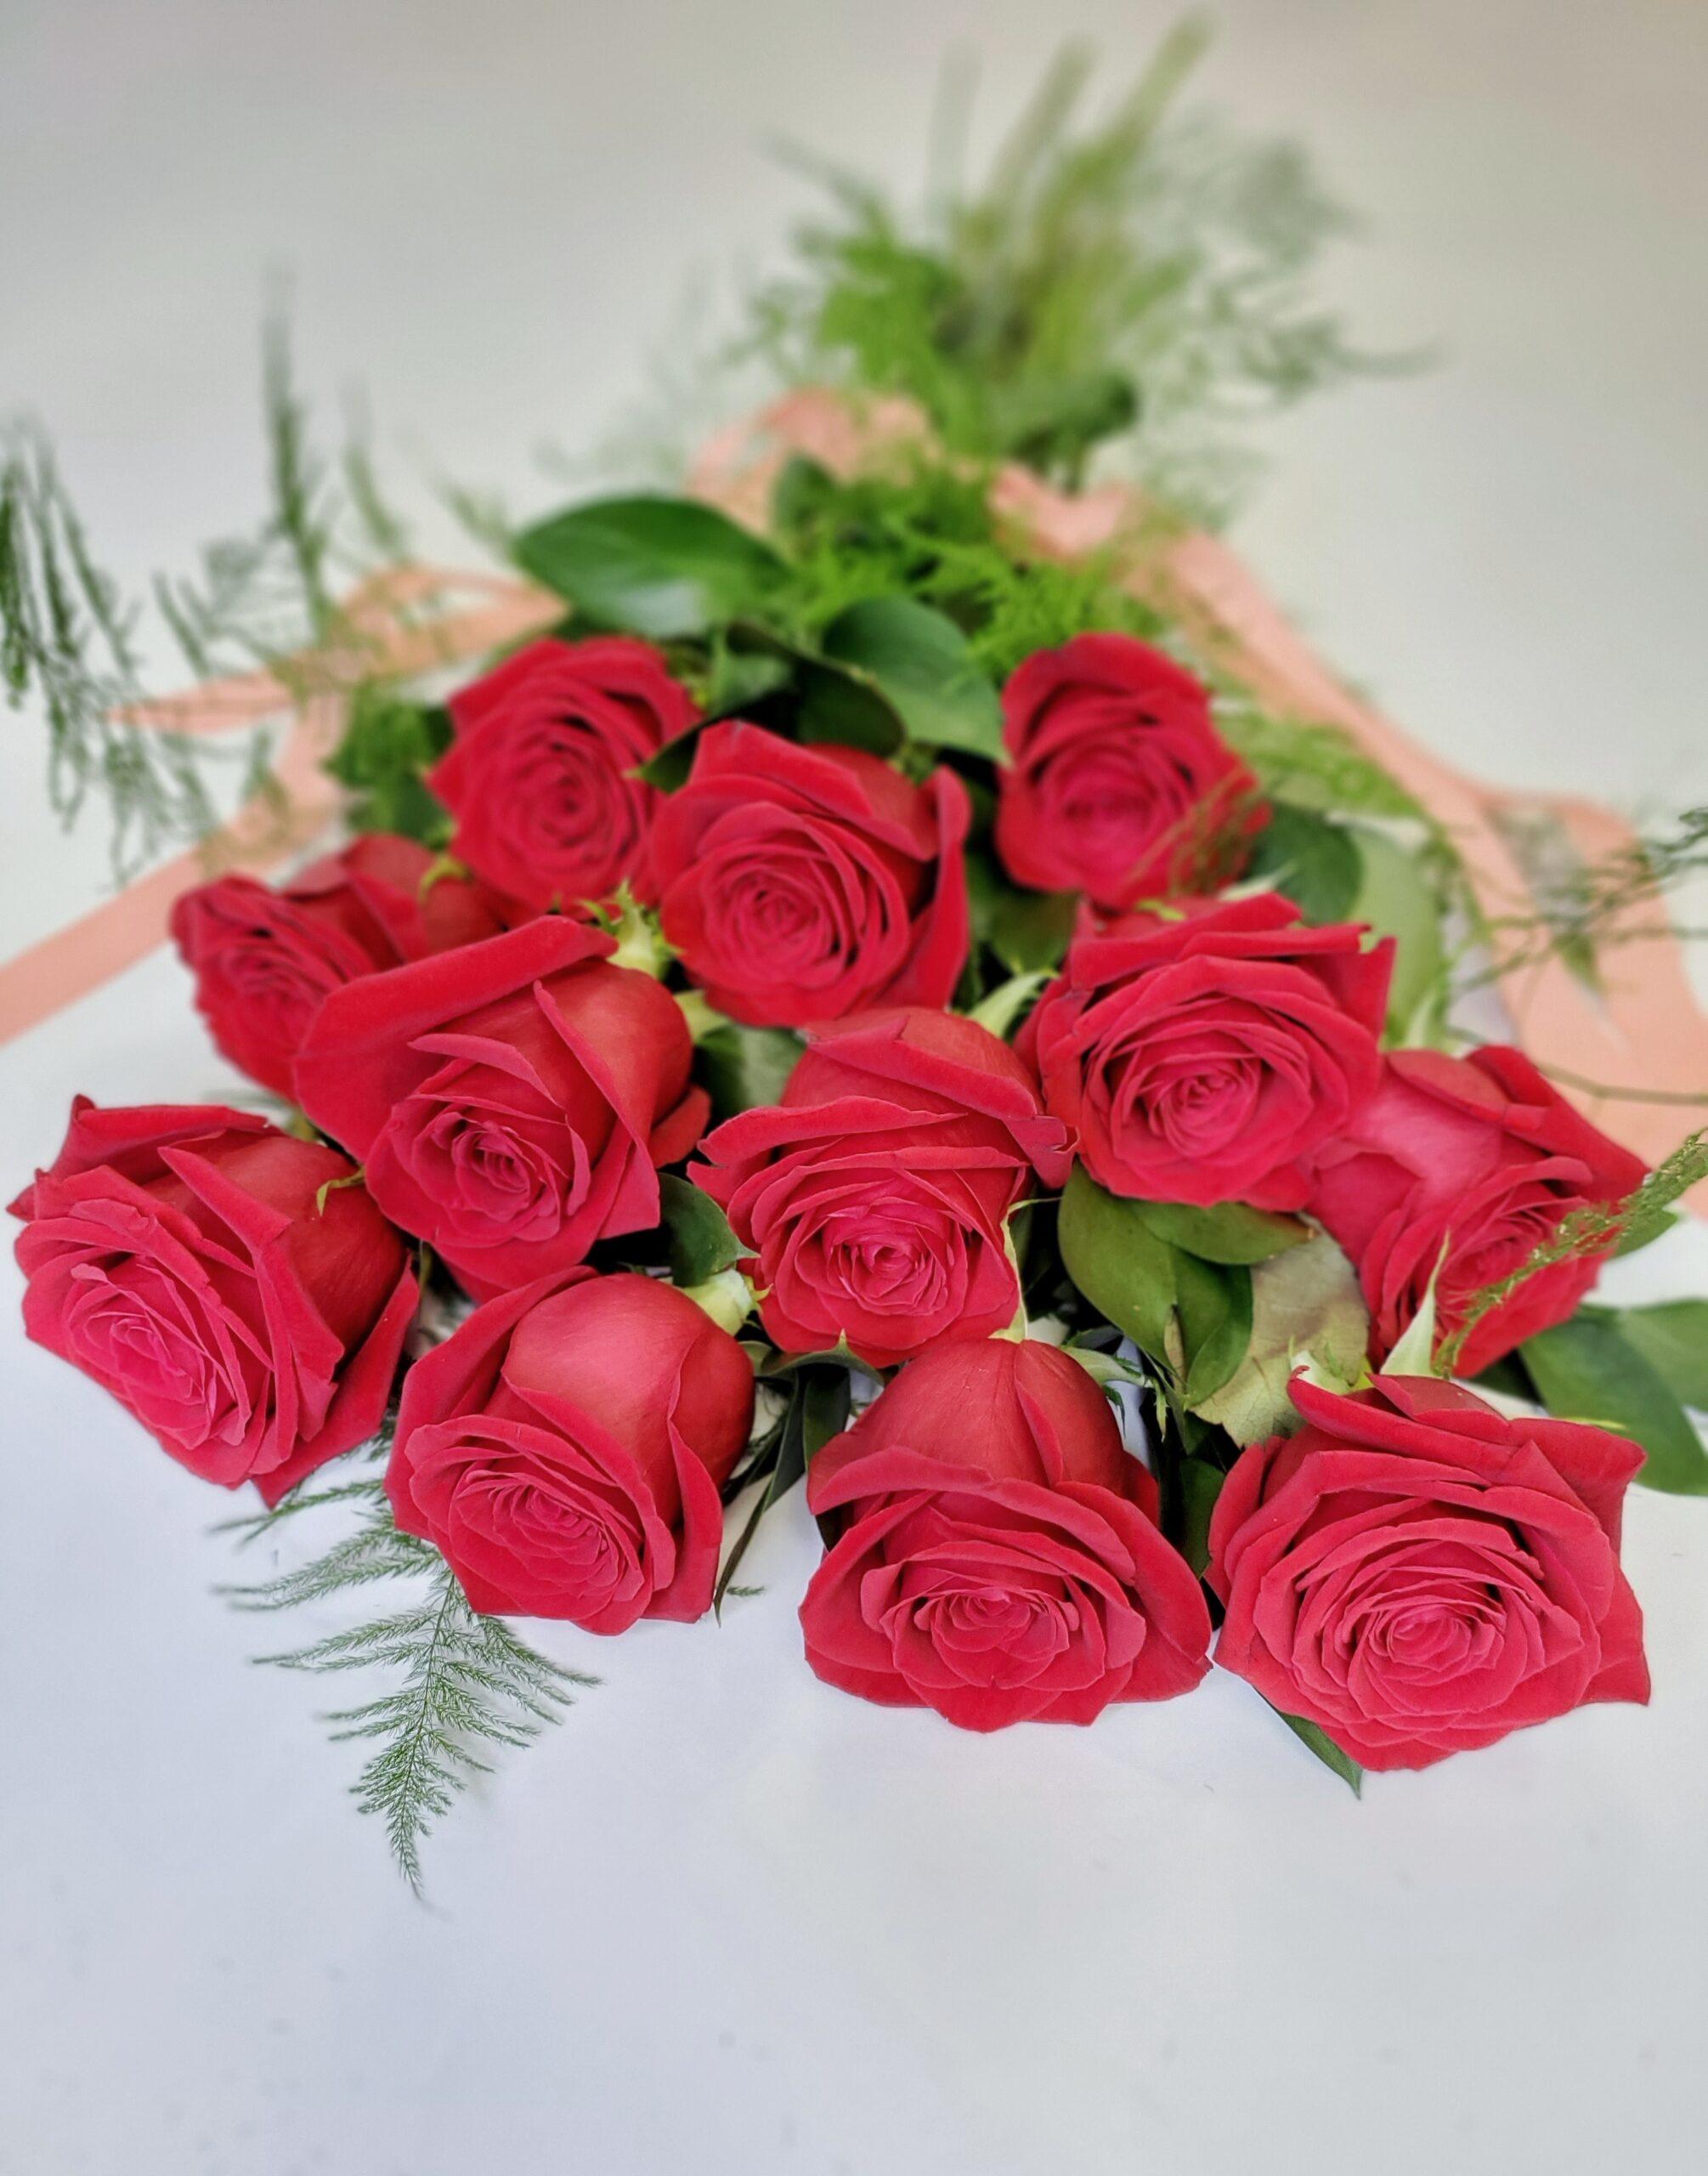 vday-Dozen Roses Red